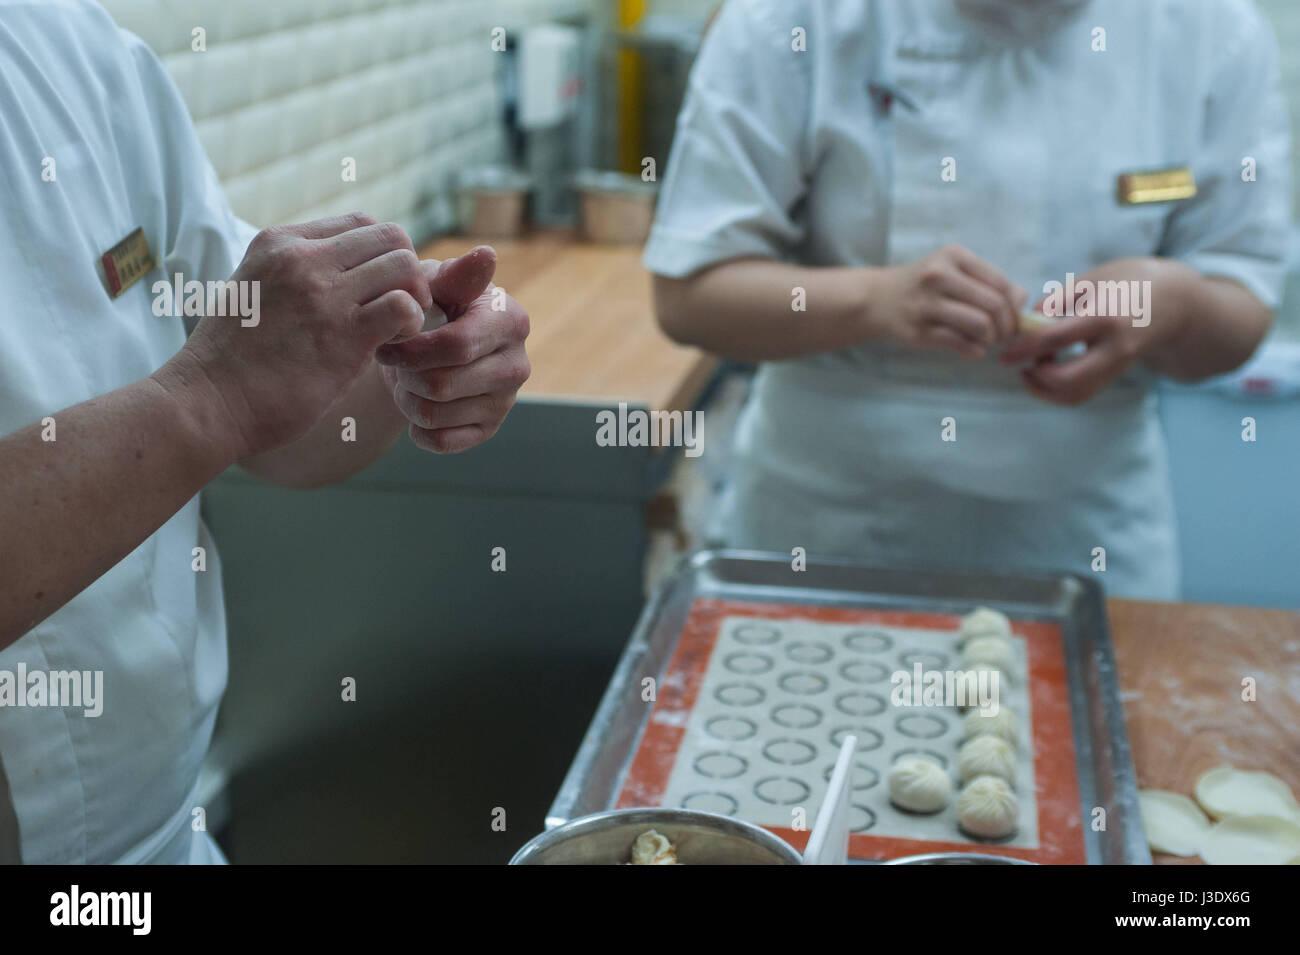 Chinesische Restaurant Stock Photos & Chinesische Restaurant Stock ...